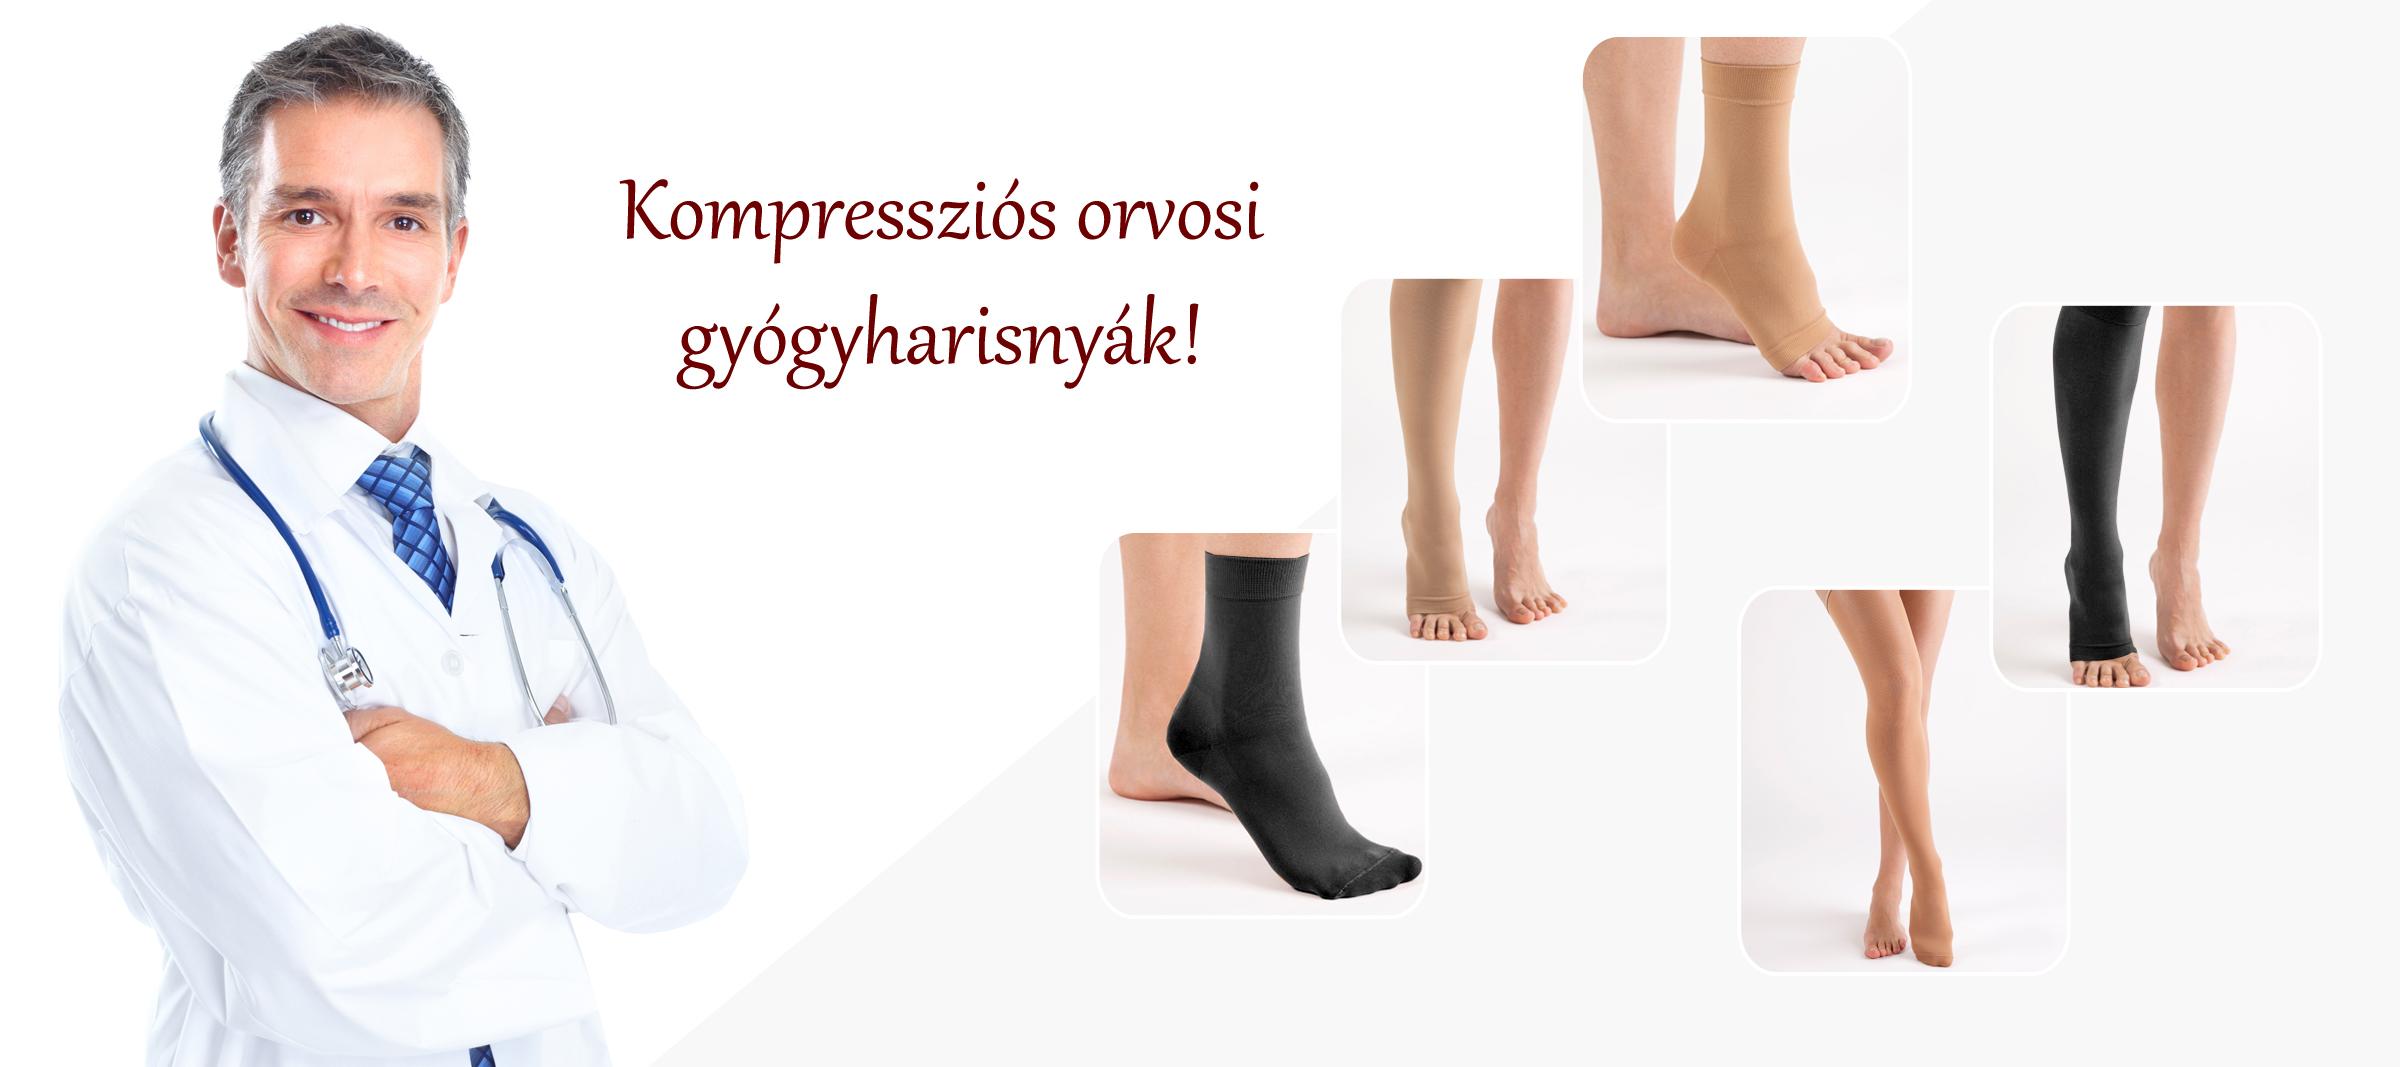 Kompressziós harisnya | Gyógyharisnya | Kompressziós térdharisnya